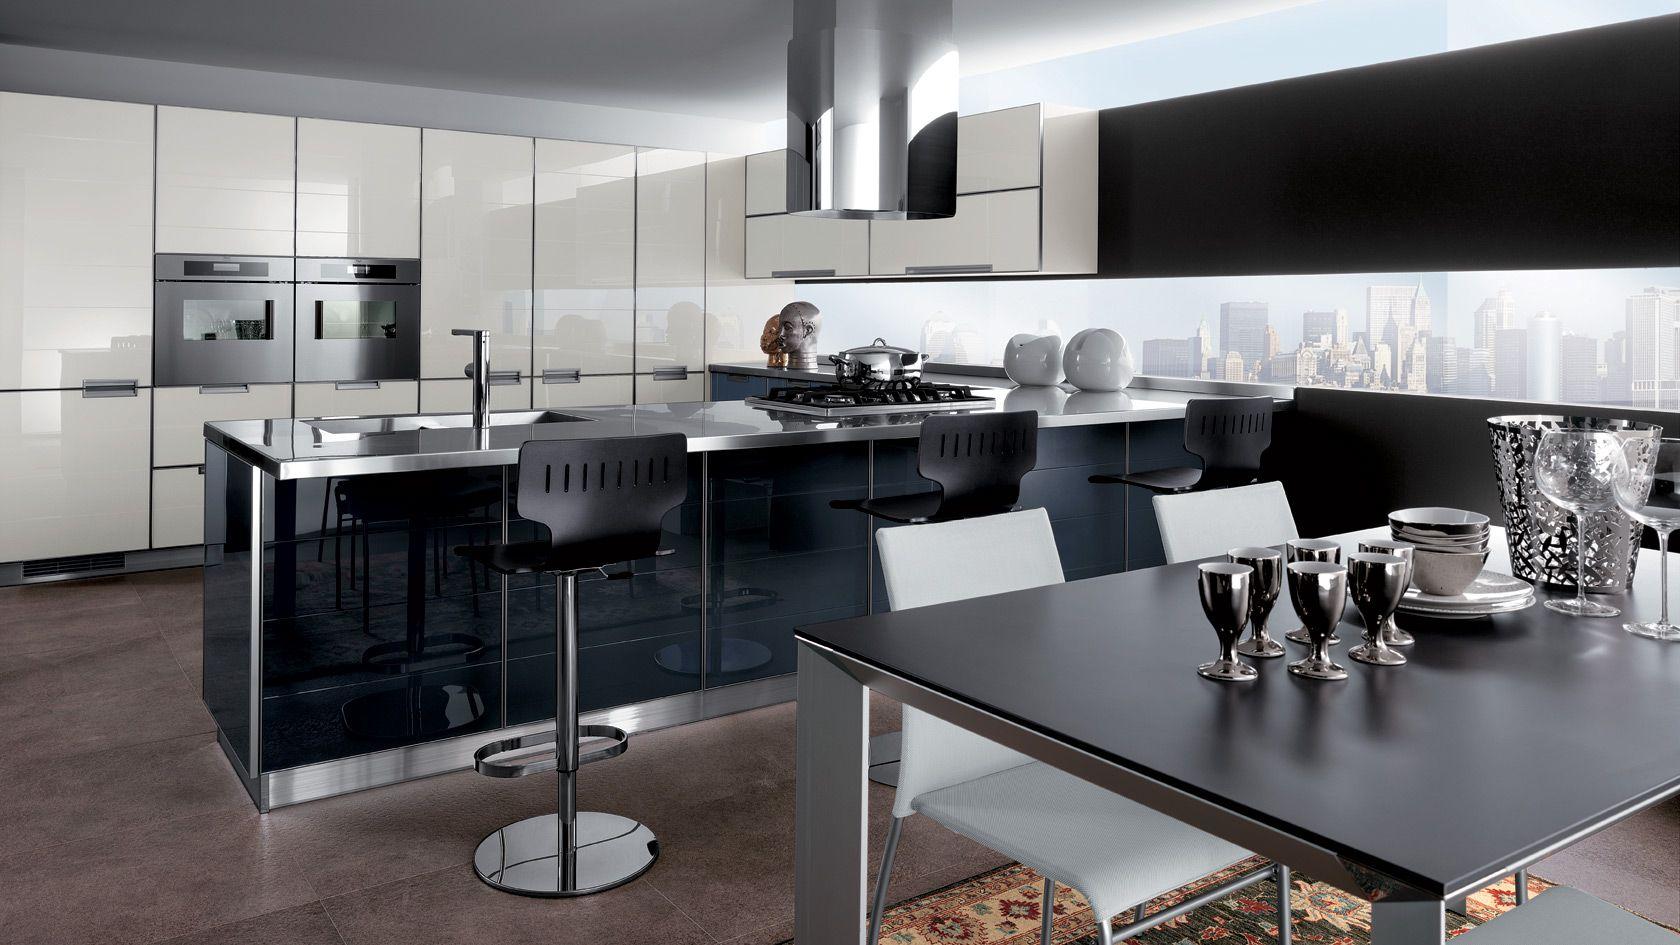 Cucina Crystal | Sito ufficiale Scavolini | Kitchen | Pinterest